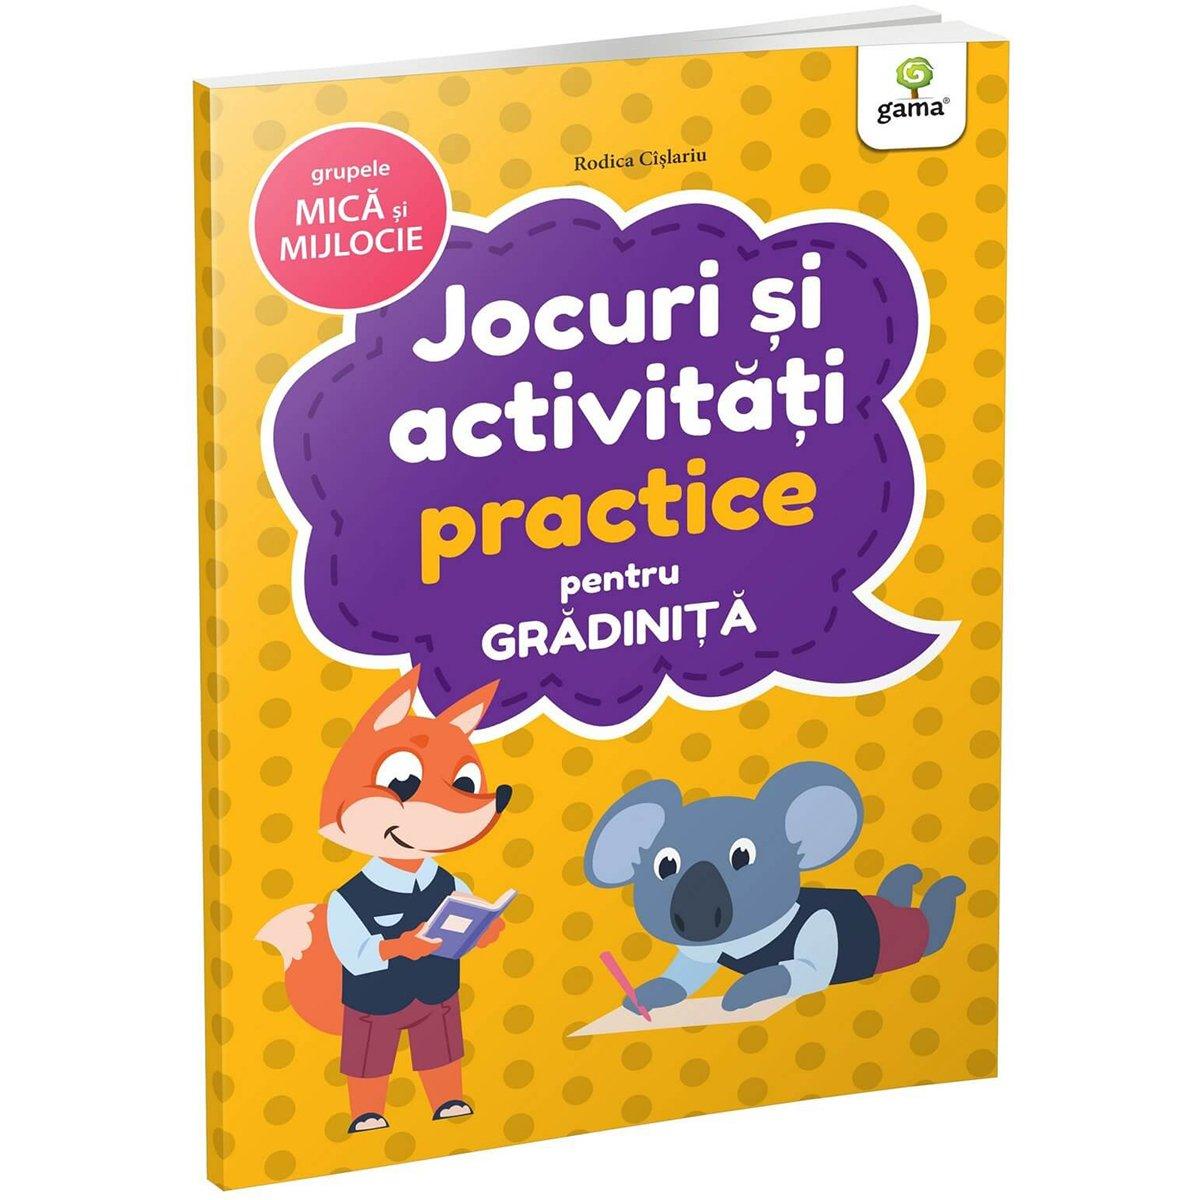 Carte Editura Gama, Jocuri si activitati practice pentru gradinita grupa mica si mijlocie